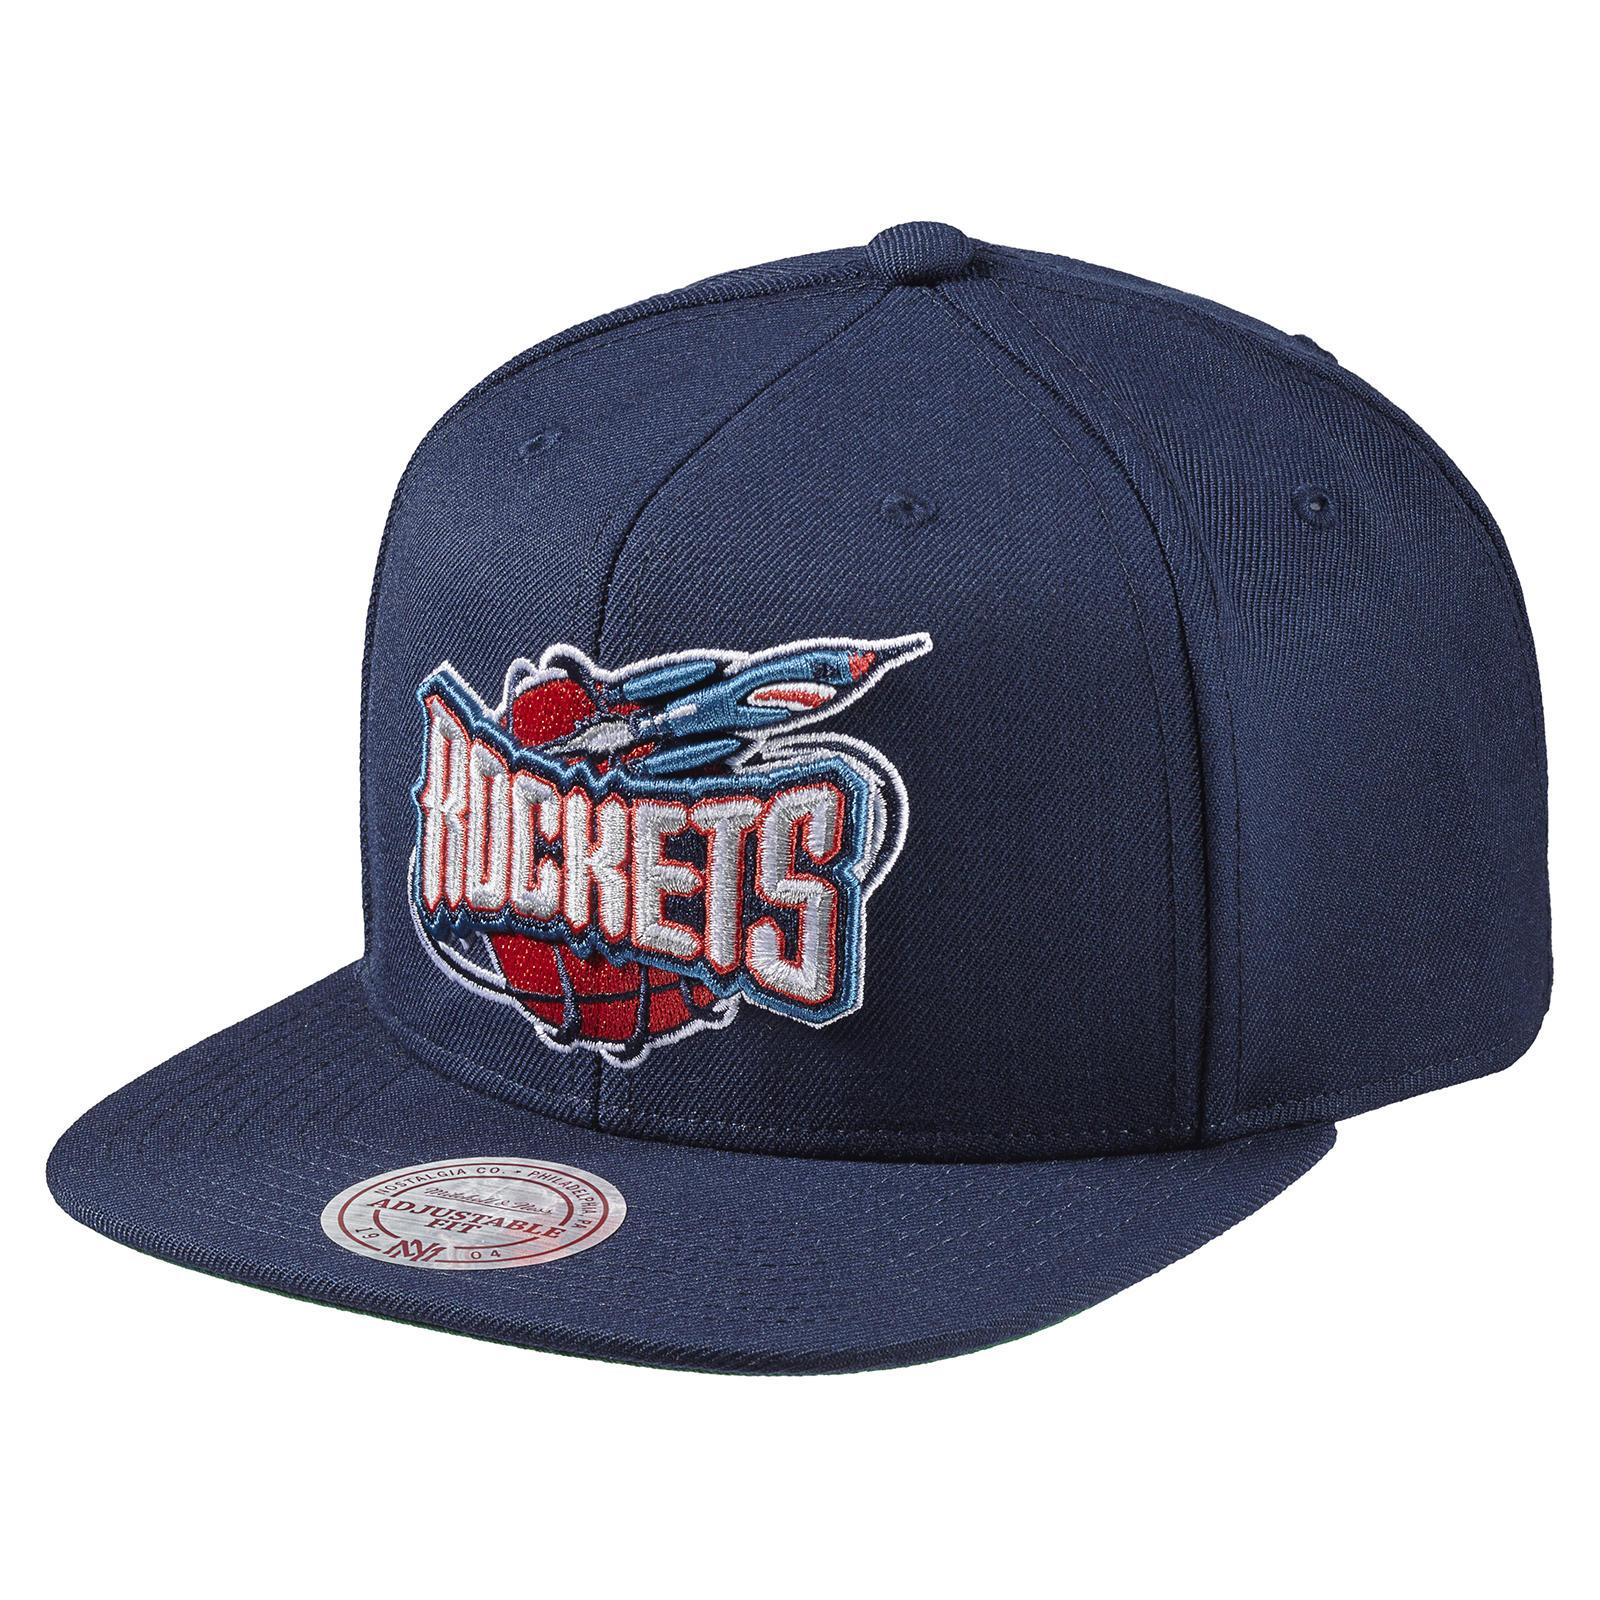 buy online 16a43 668e8 Wool Solid Snapback Houston Rockets